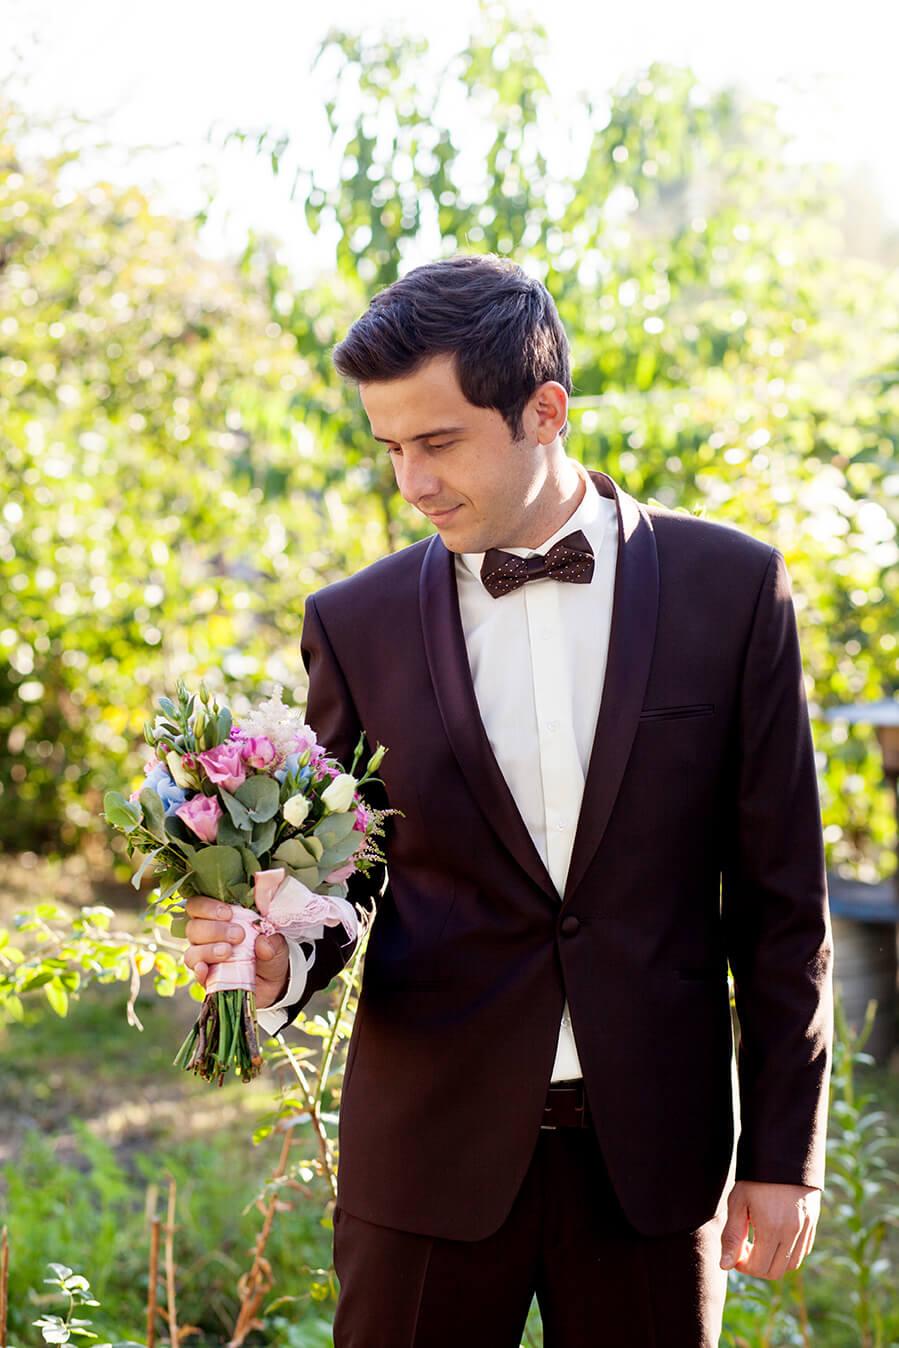 svadba-zhenih-foto-video-svadebnoe-utro-idei-4